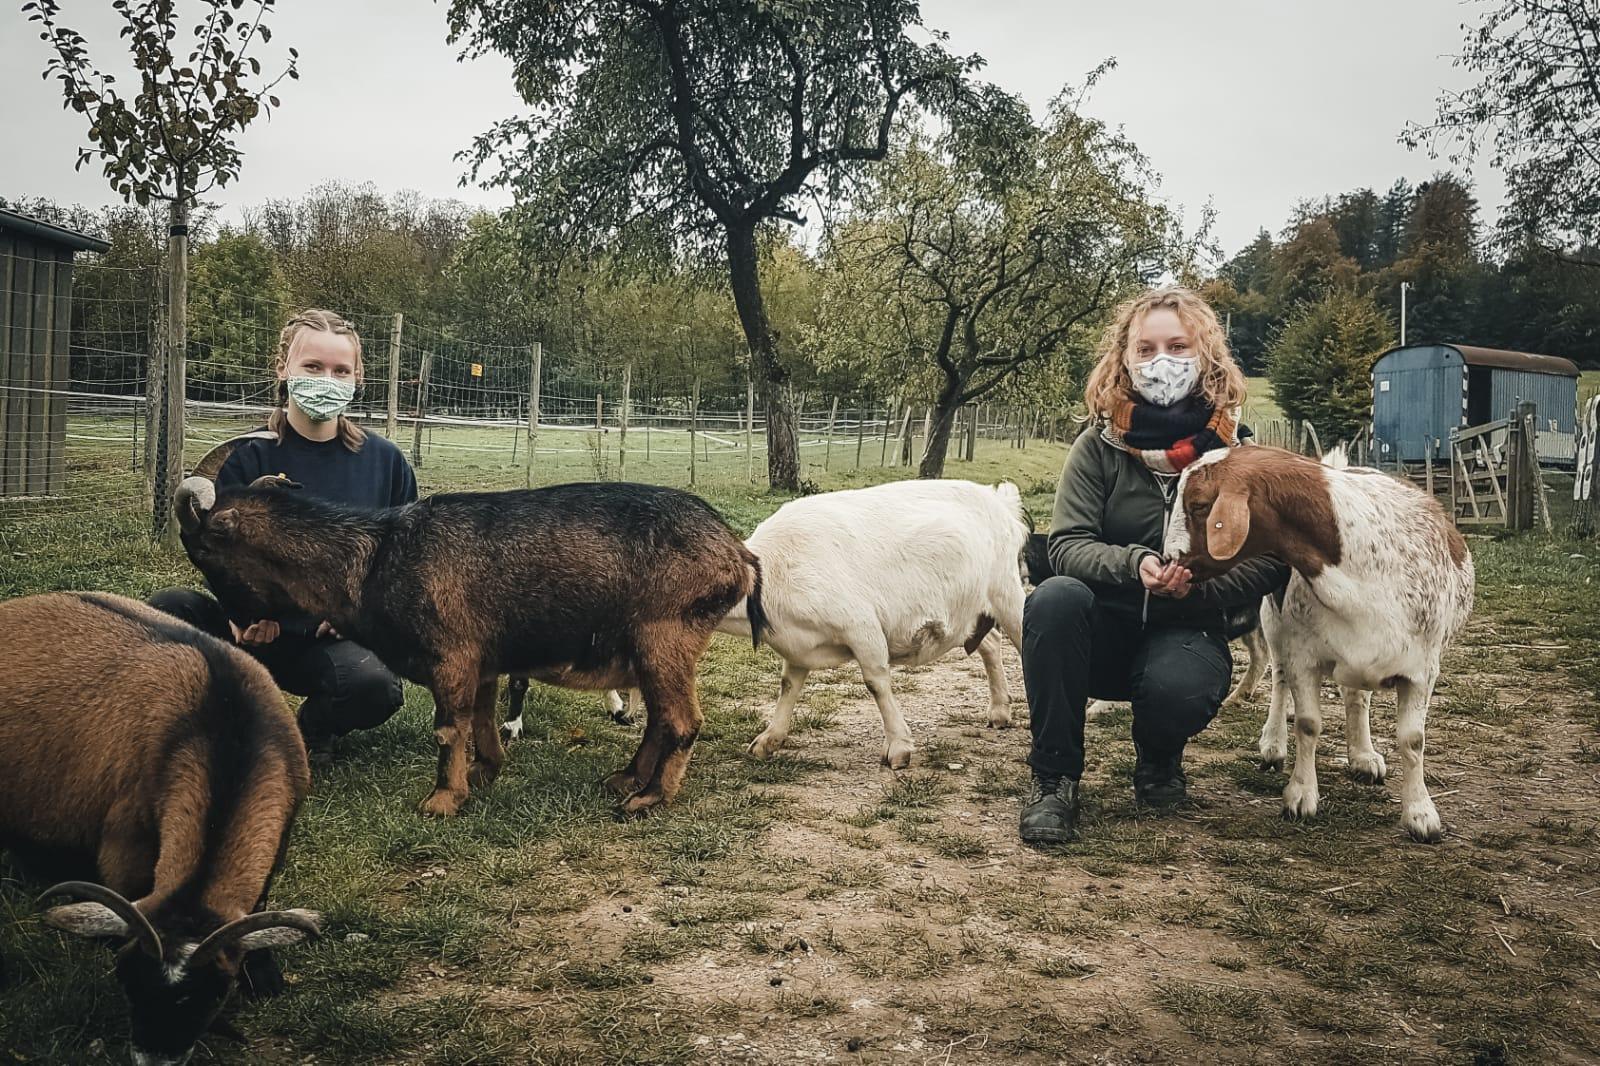 Maskenpflicht: Zu eurem und unserem Schutz